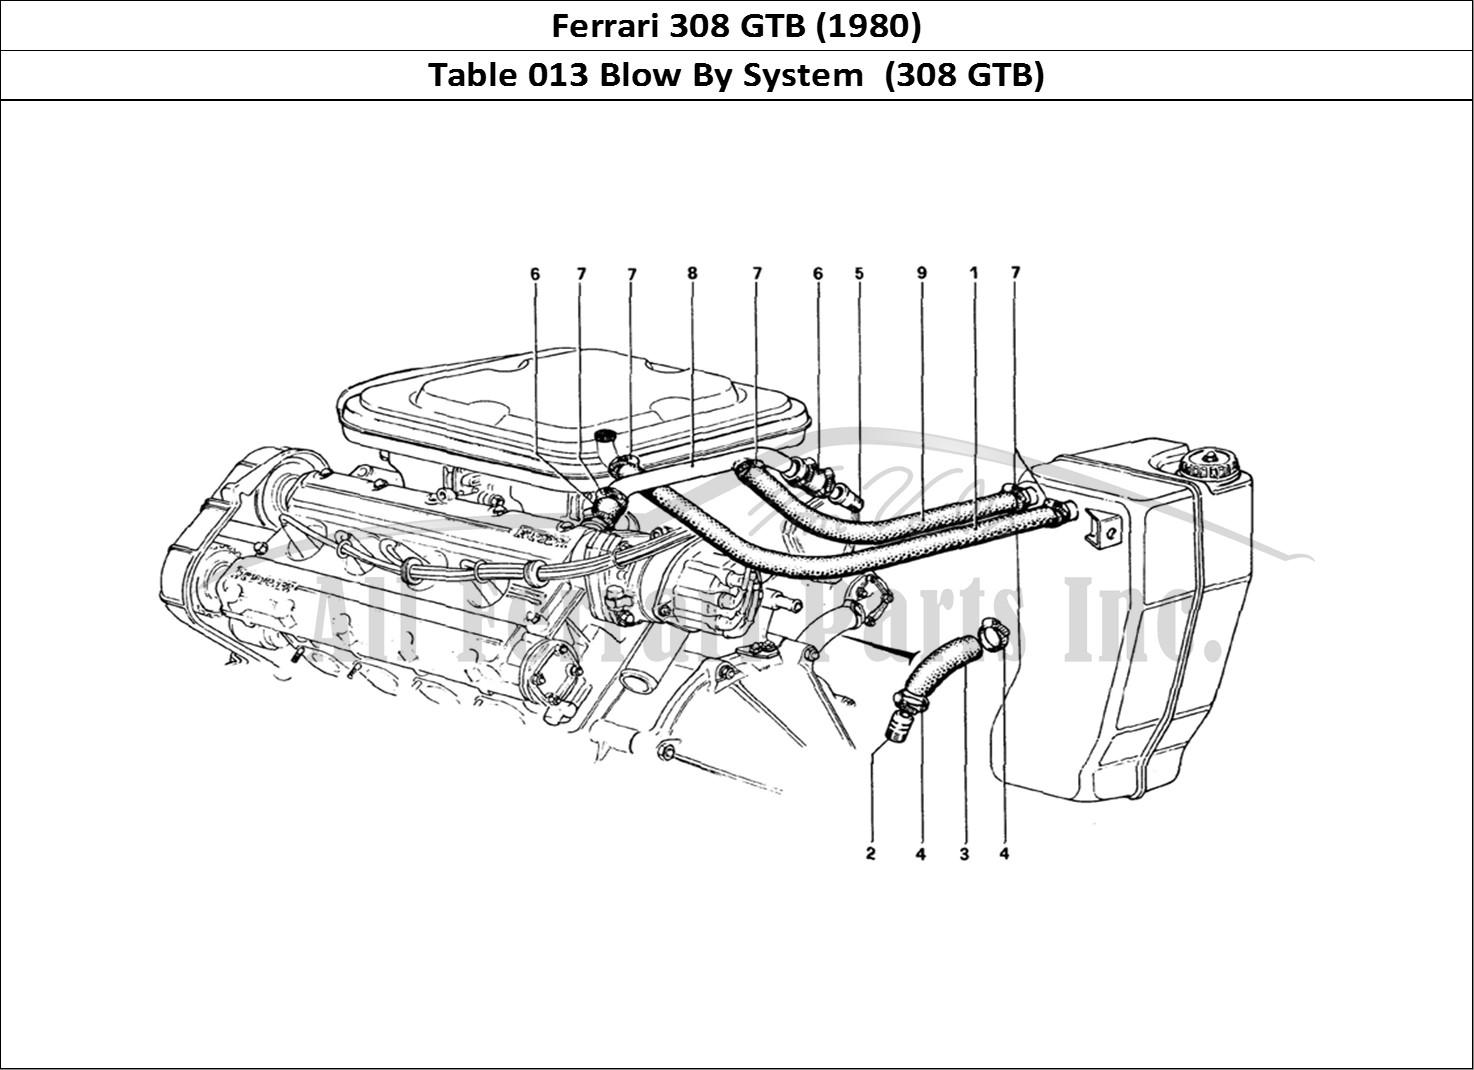 Buy original Ferrari 308 GTB (1980) 013 Blow By System